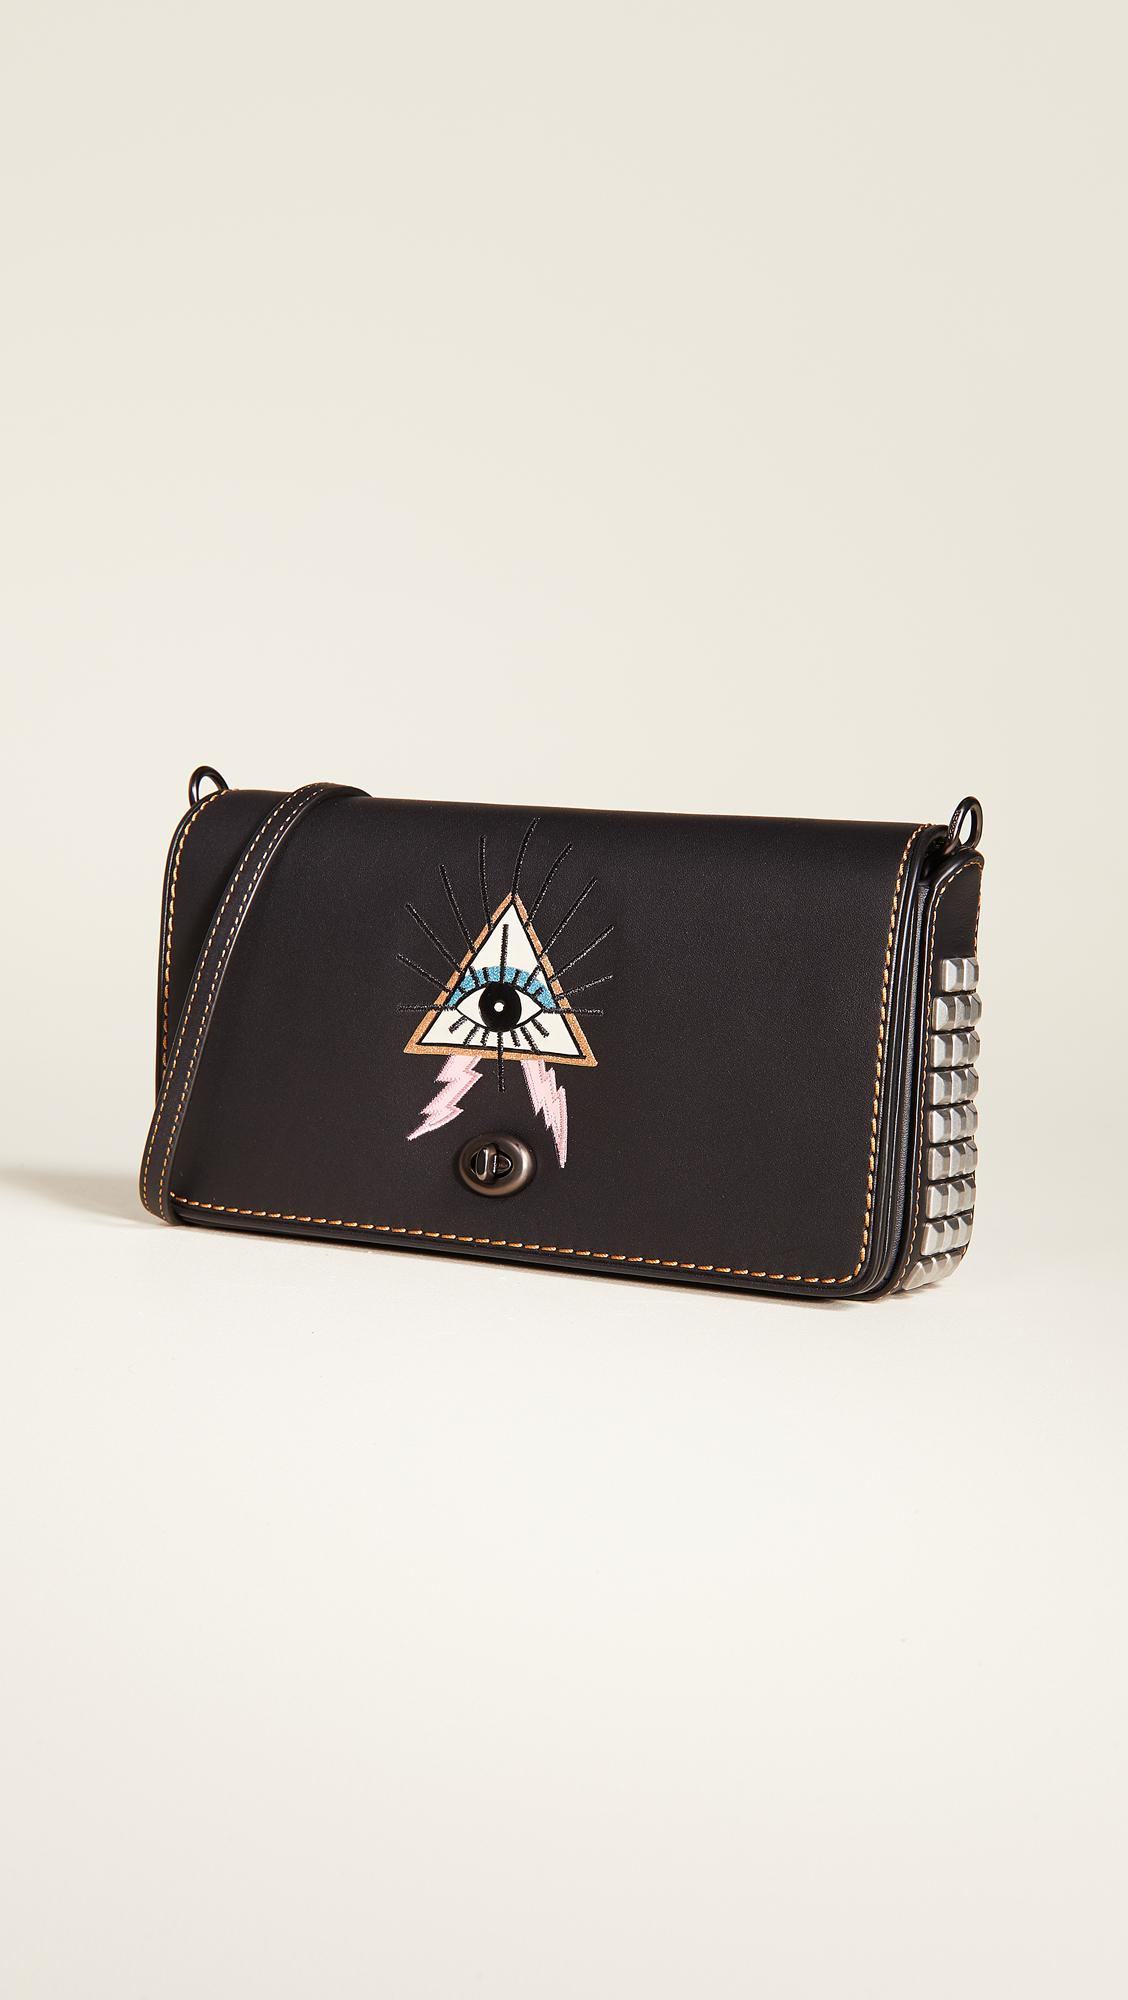 da088c640a5 Lyst - COACH Pyramid Eye Dinky Crossbody Bag in Black